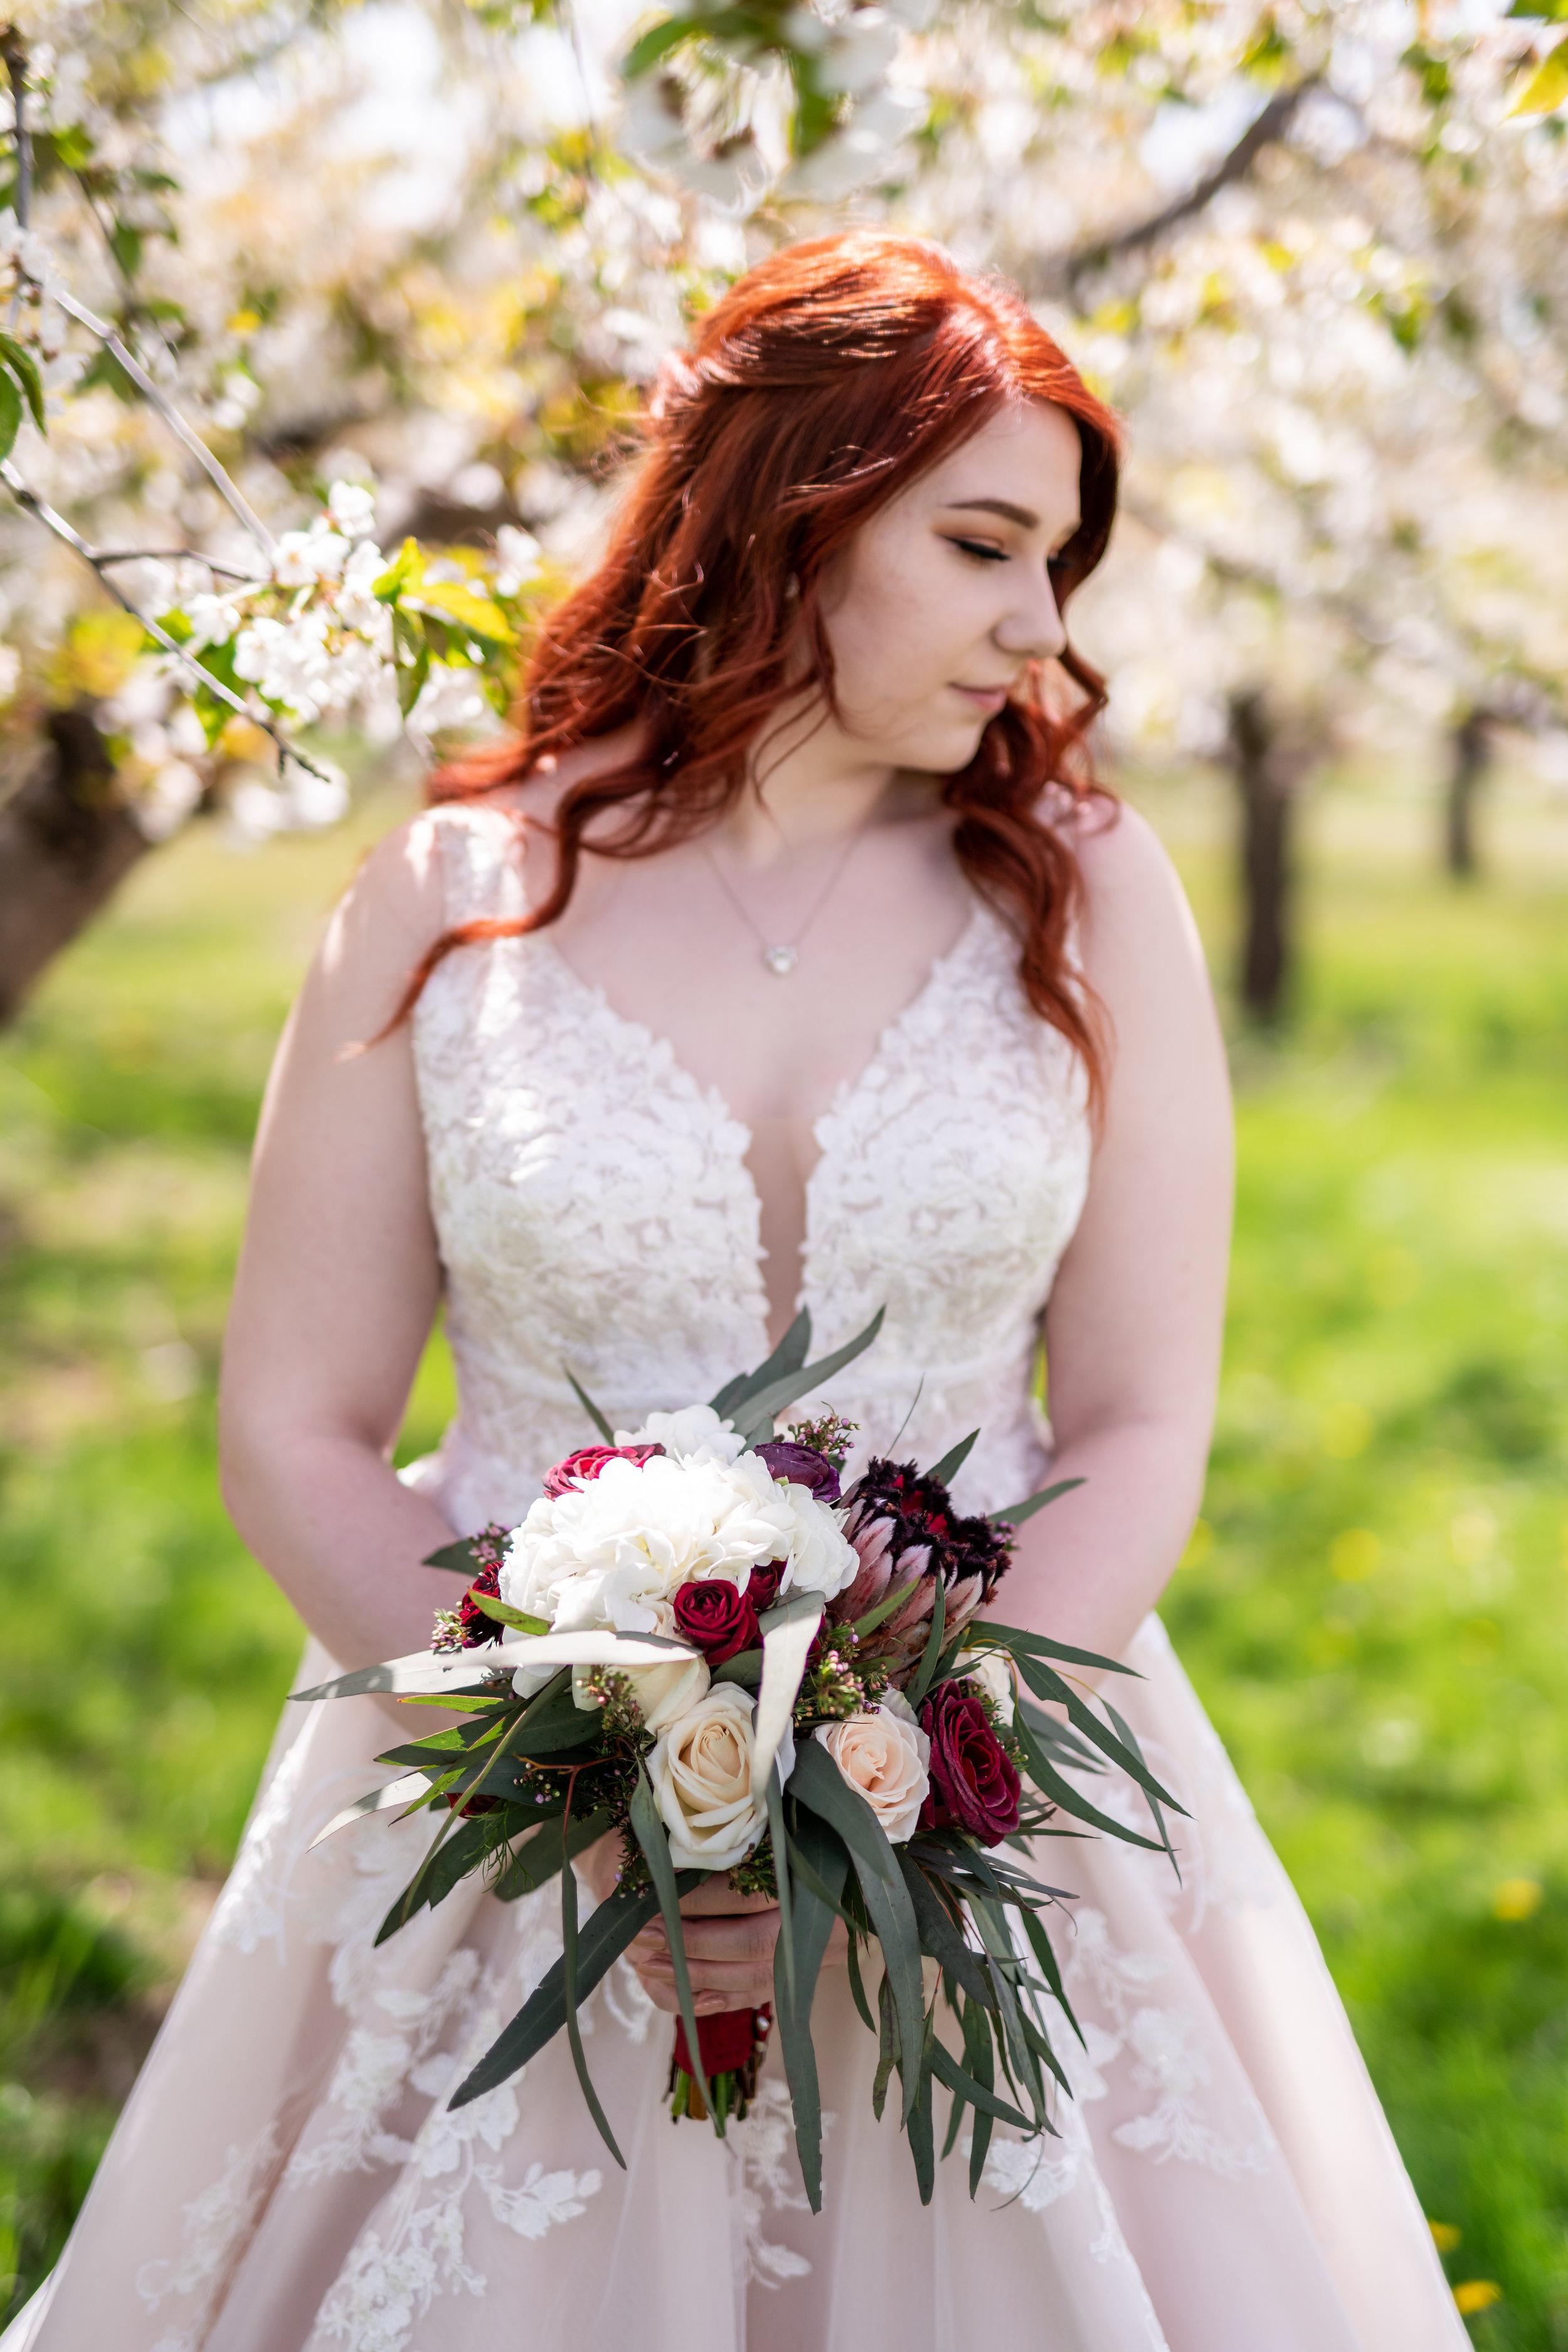 Spokane green bluff wedding dress bride flowers